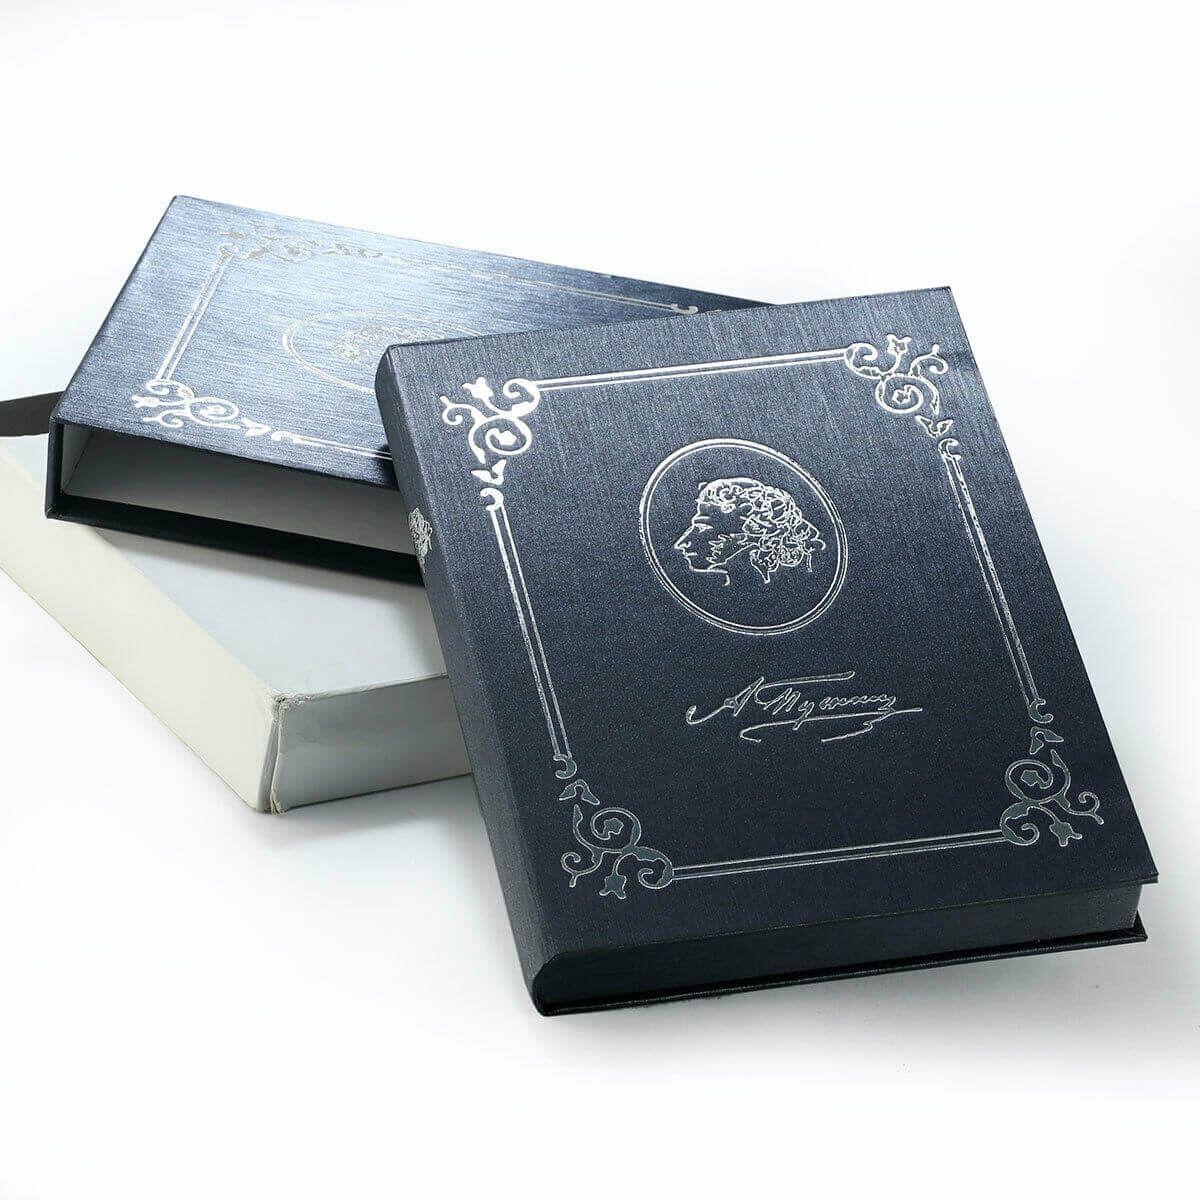 Belarus 2009 5x20 rubles Alexander Pushkin's Fairy Tales Proof Silver Set